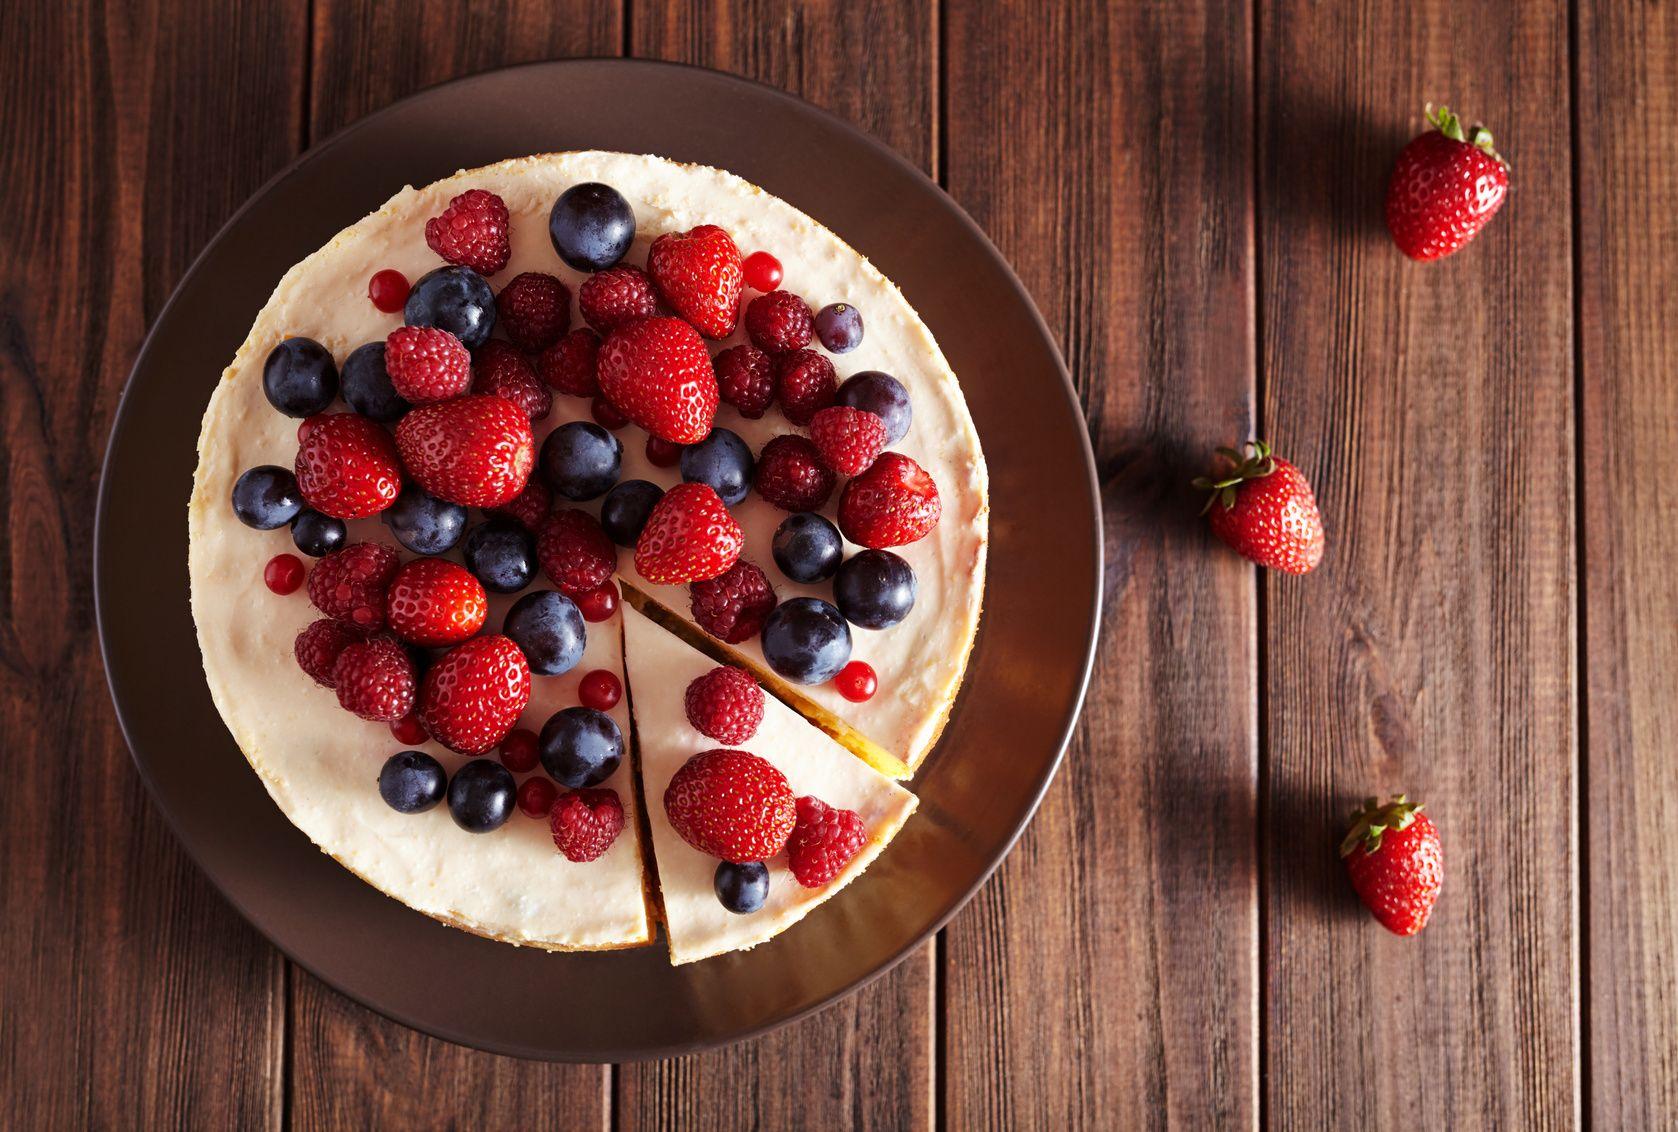 Storia+ed+evoluzione+della+Cheesecake:+8+modi+diversi+per+cucinarla.+Scopriamoli+tutti...